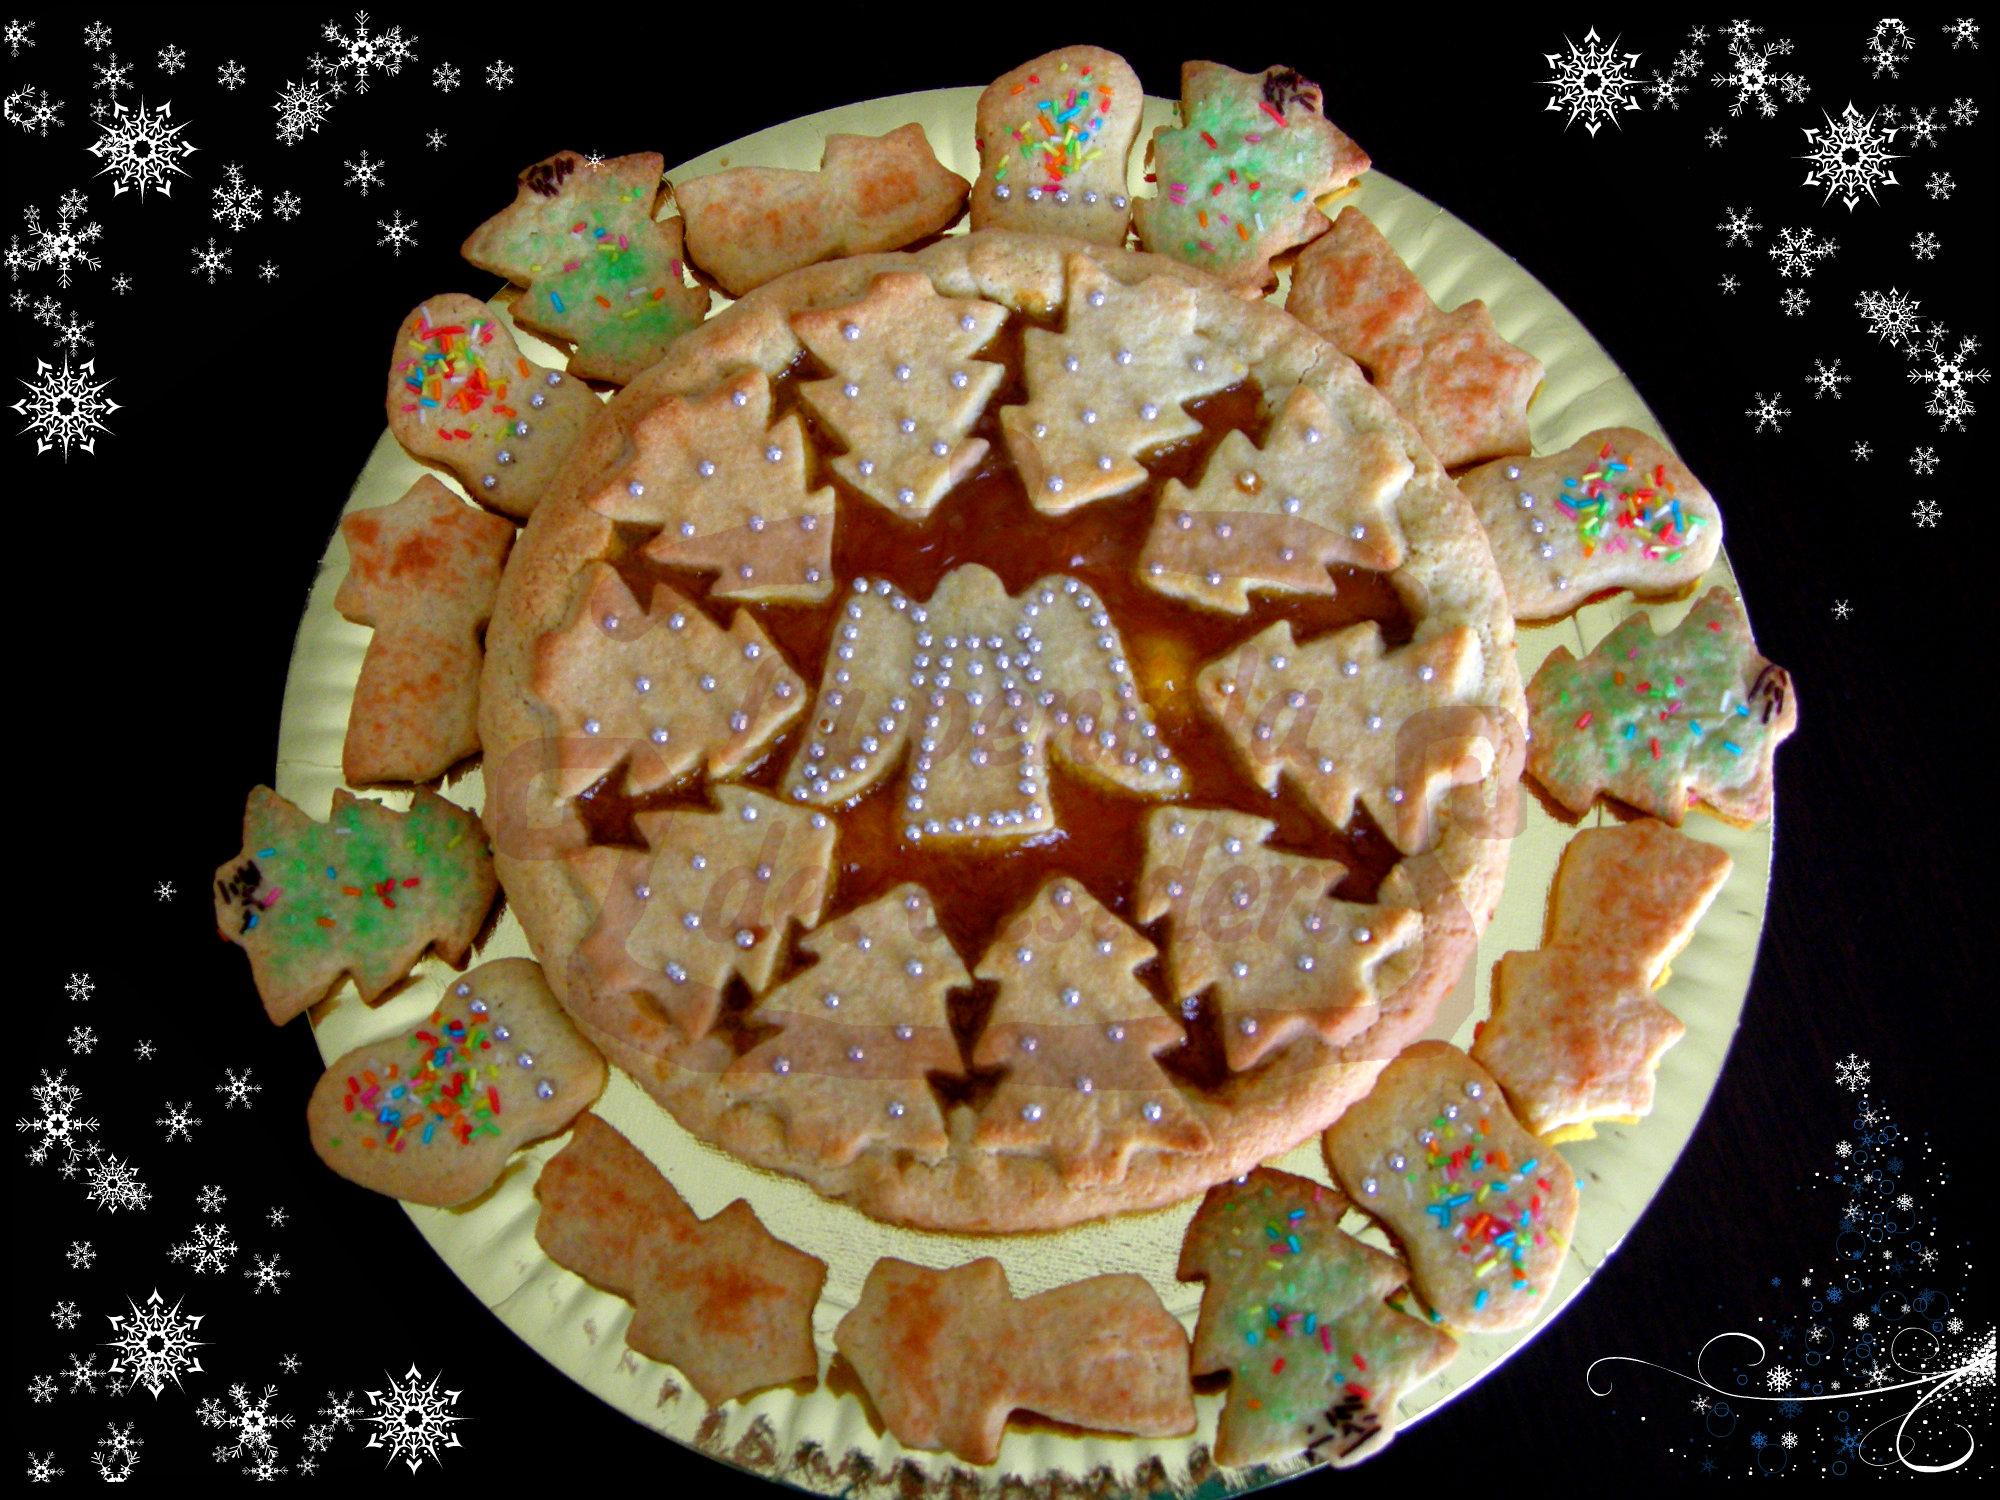 La crostata di Natale